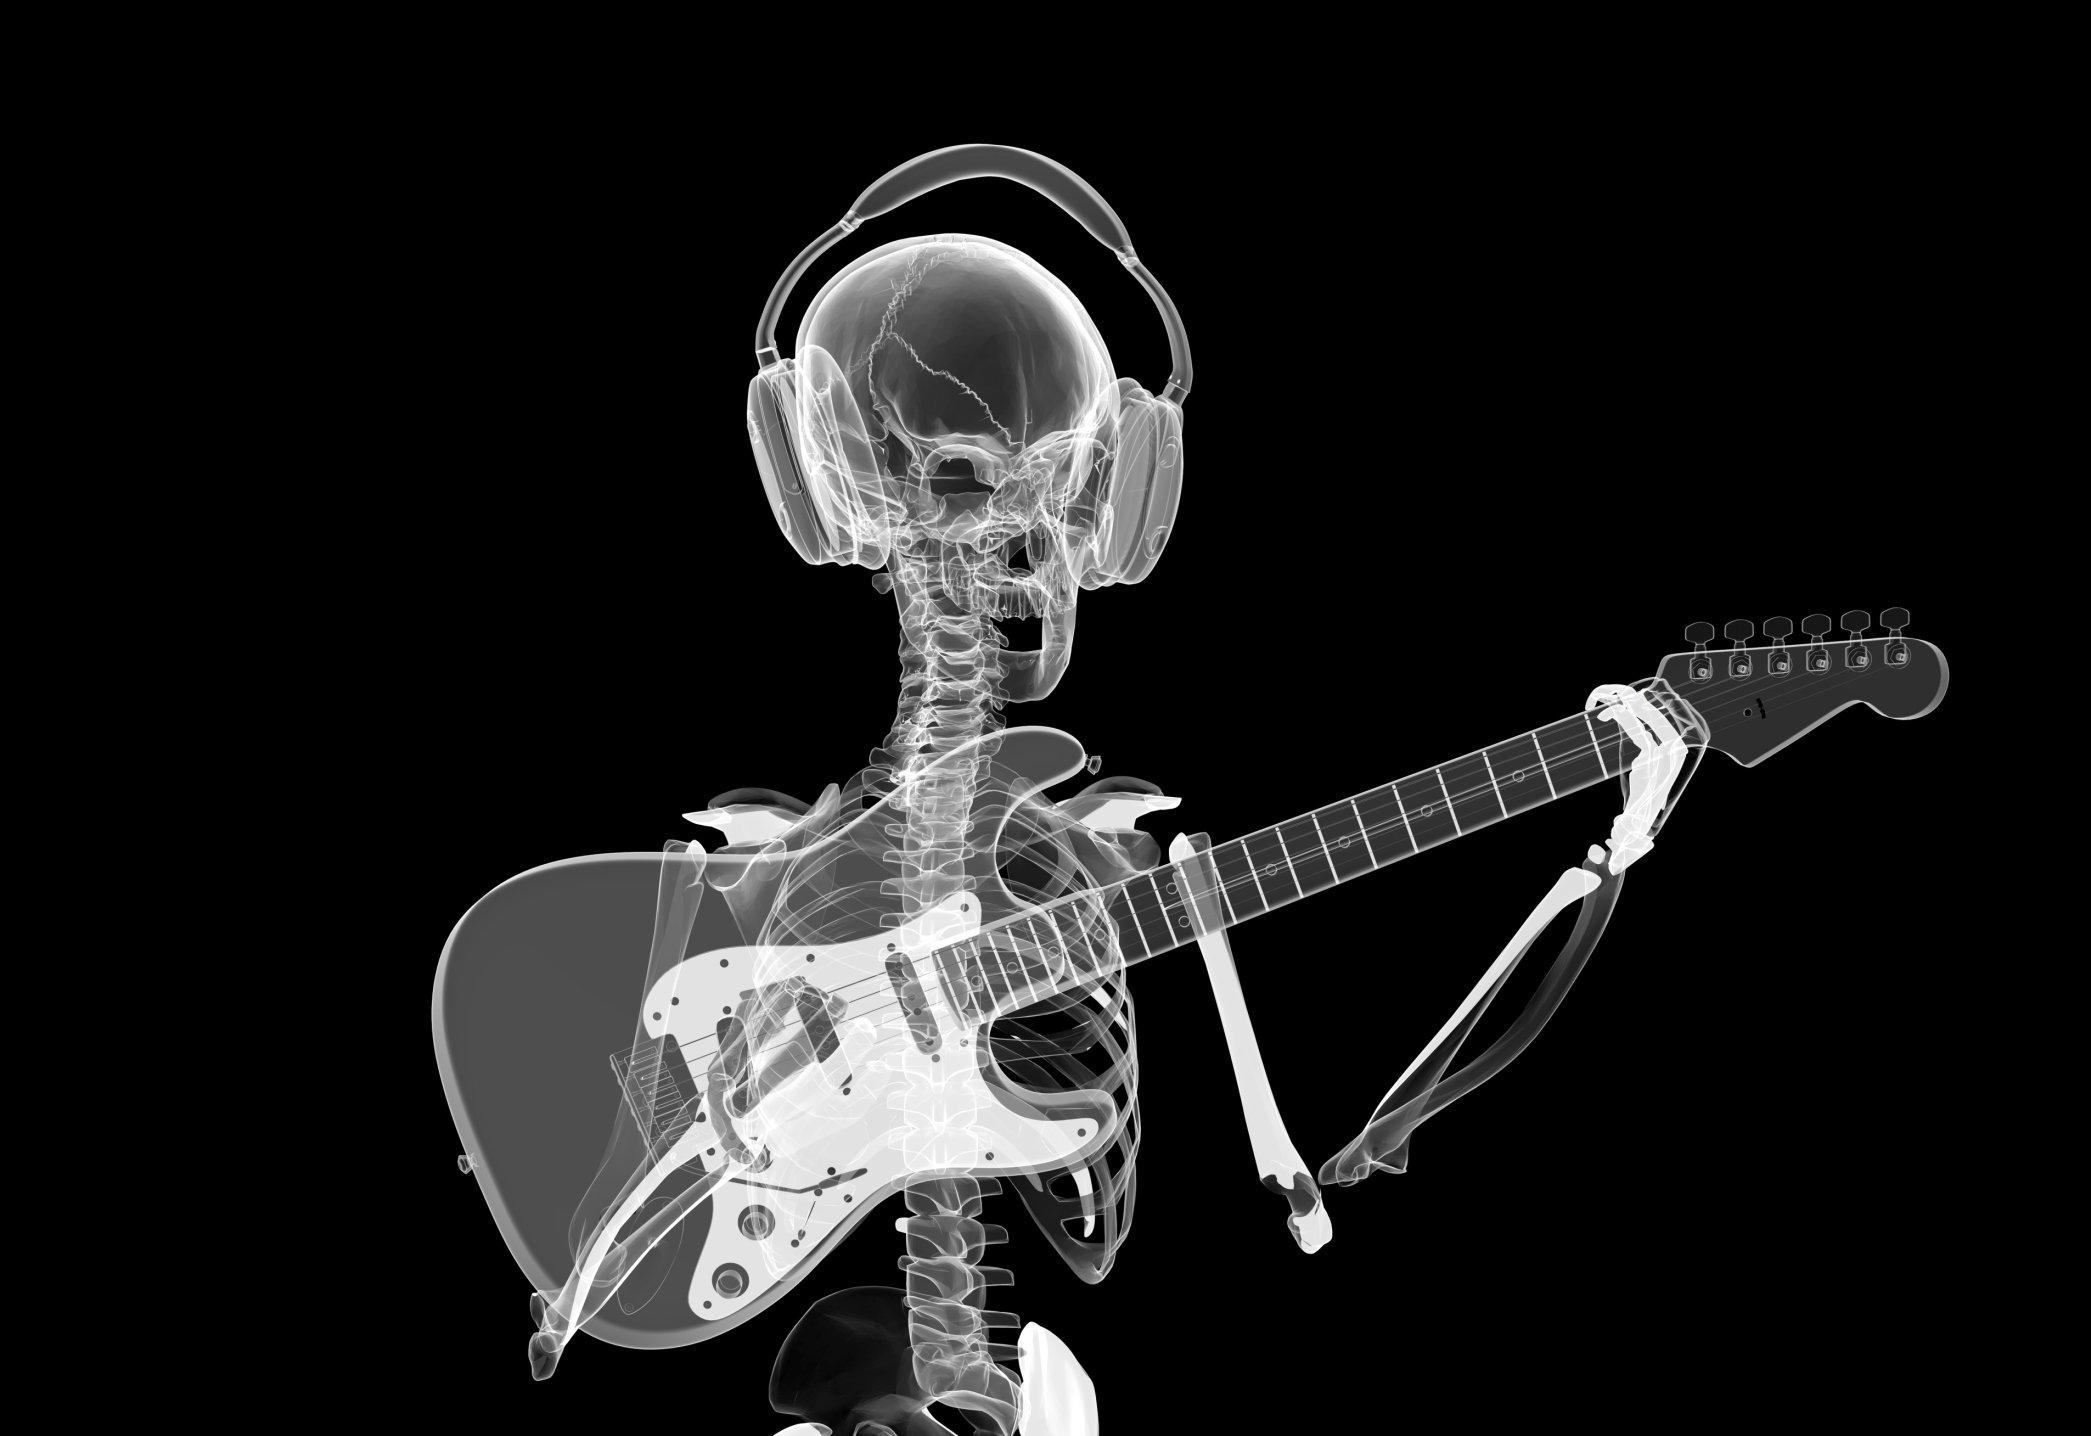 картинки скелета с микрофоном несмотря низкие